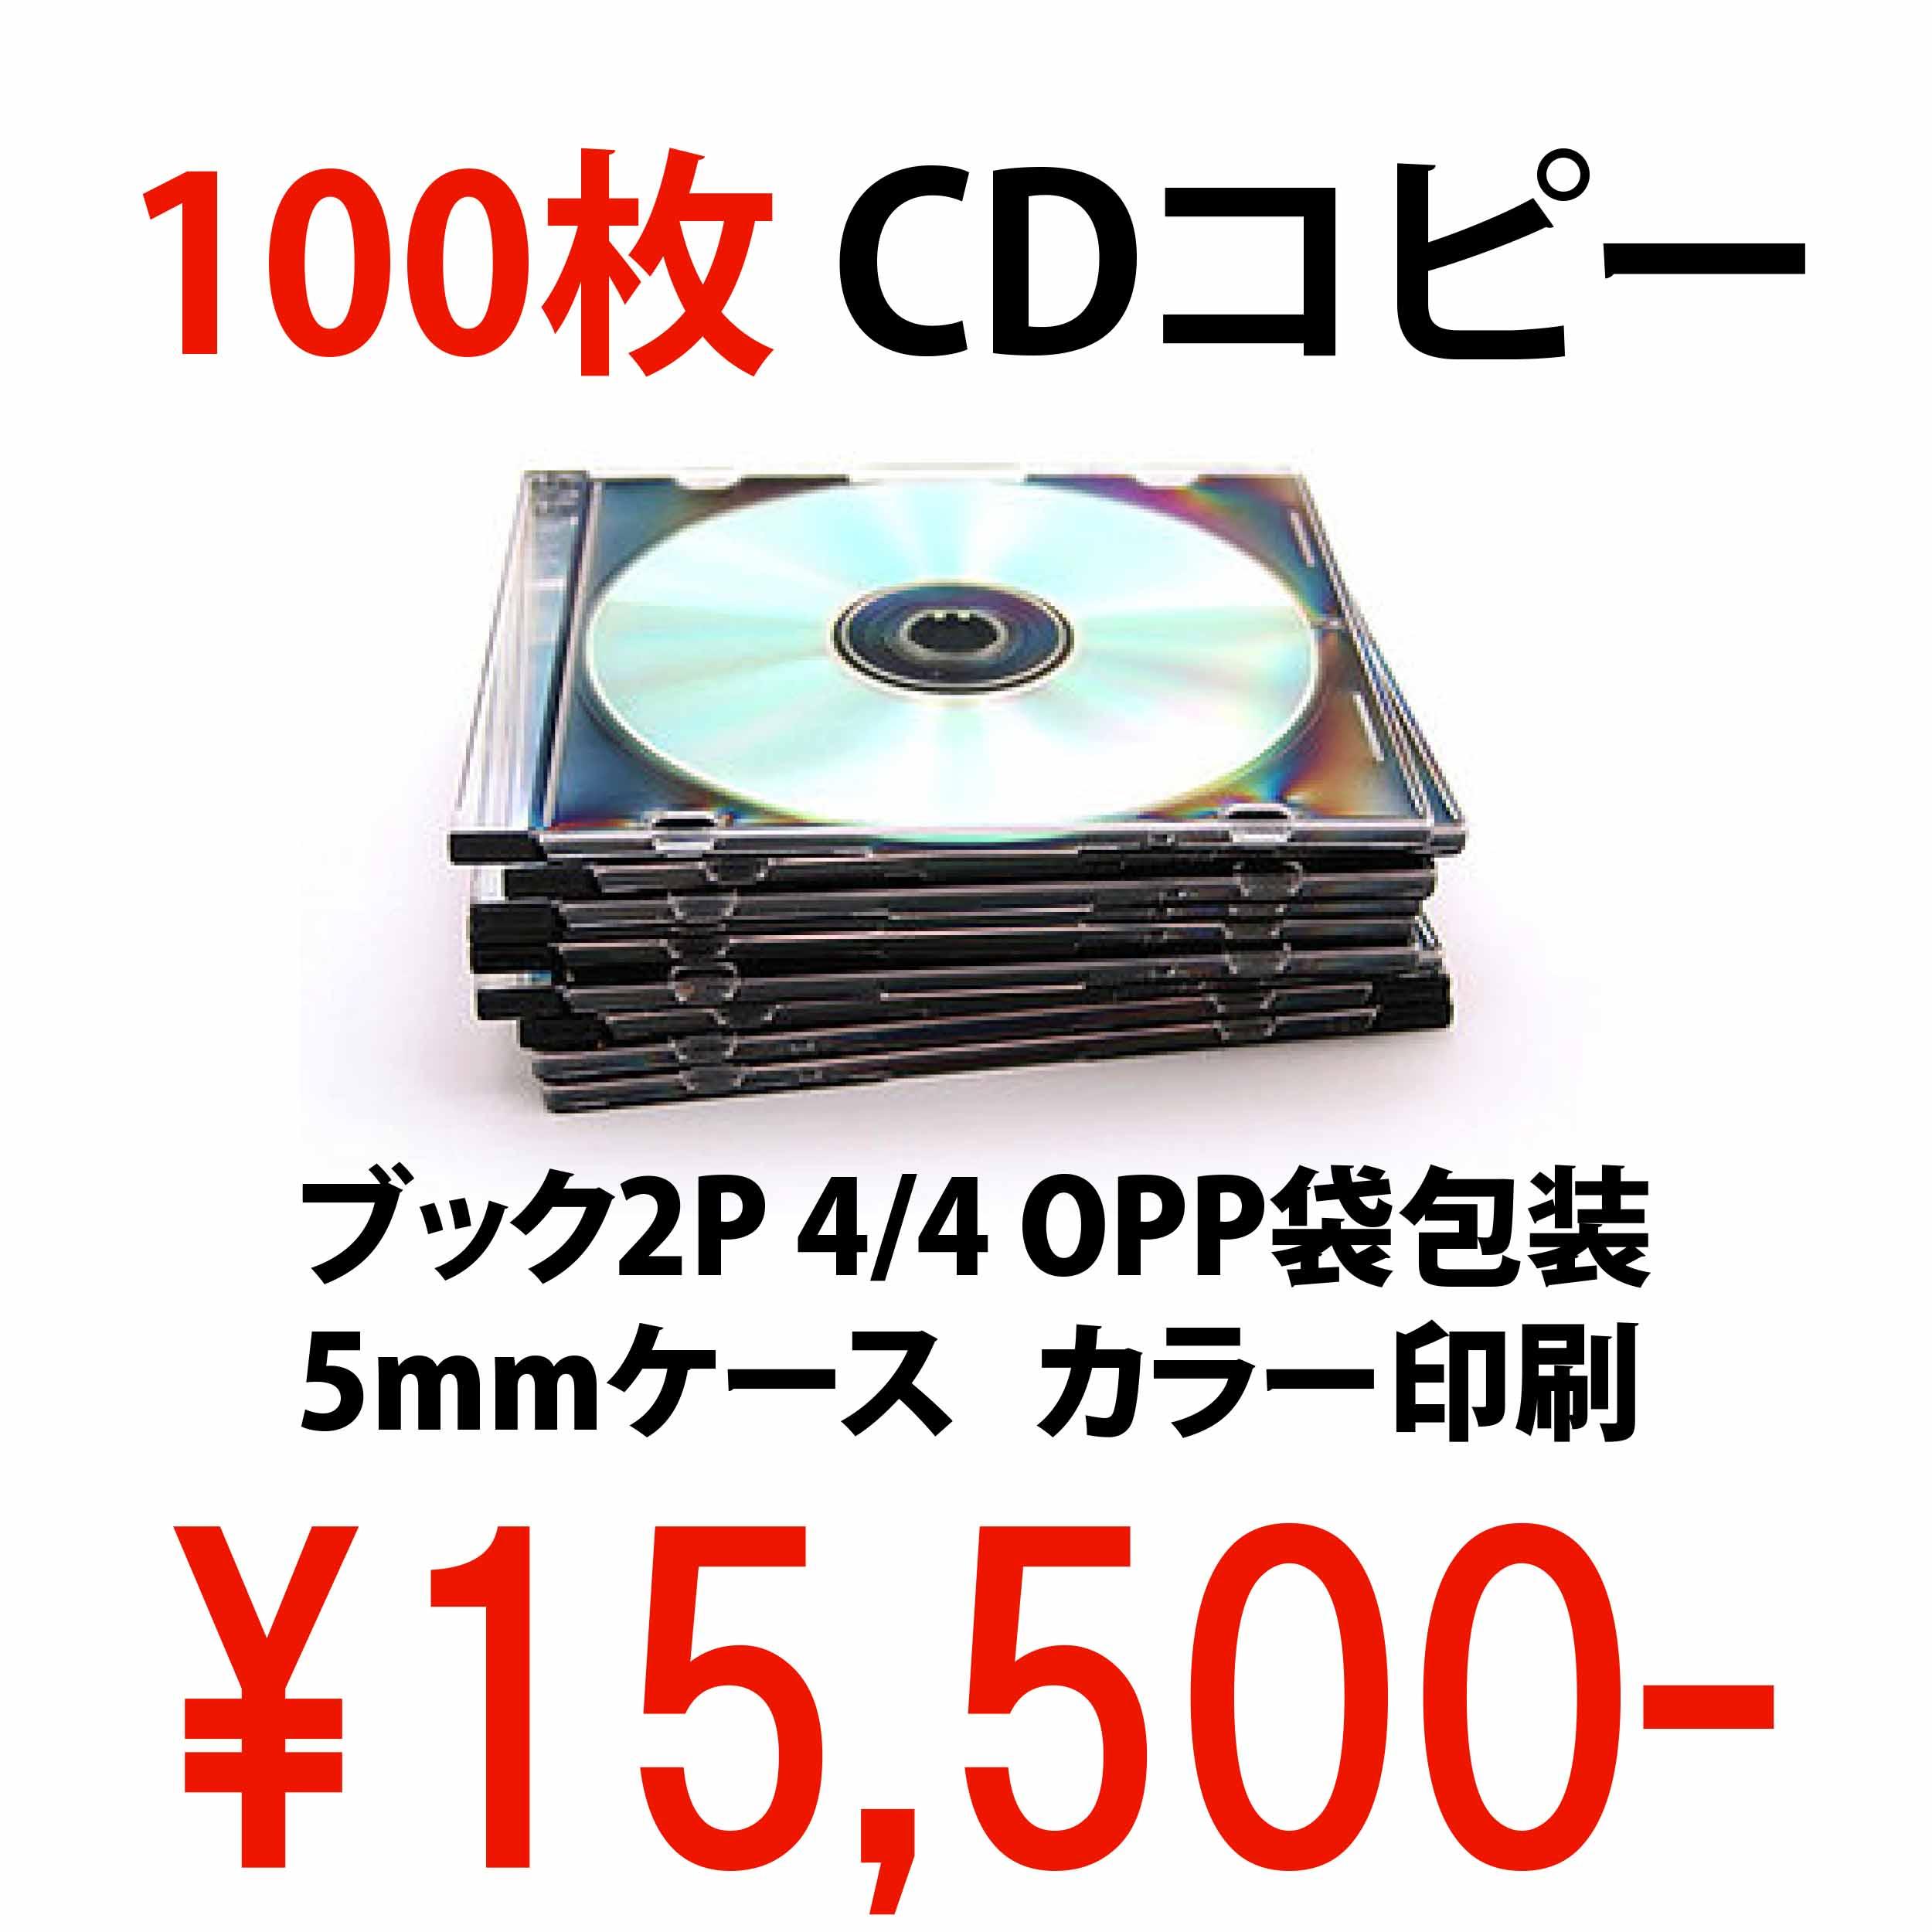 CDコピーオールパック1:100枚